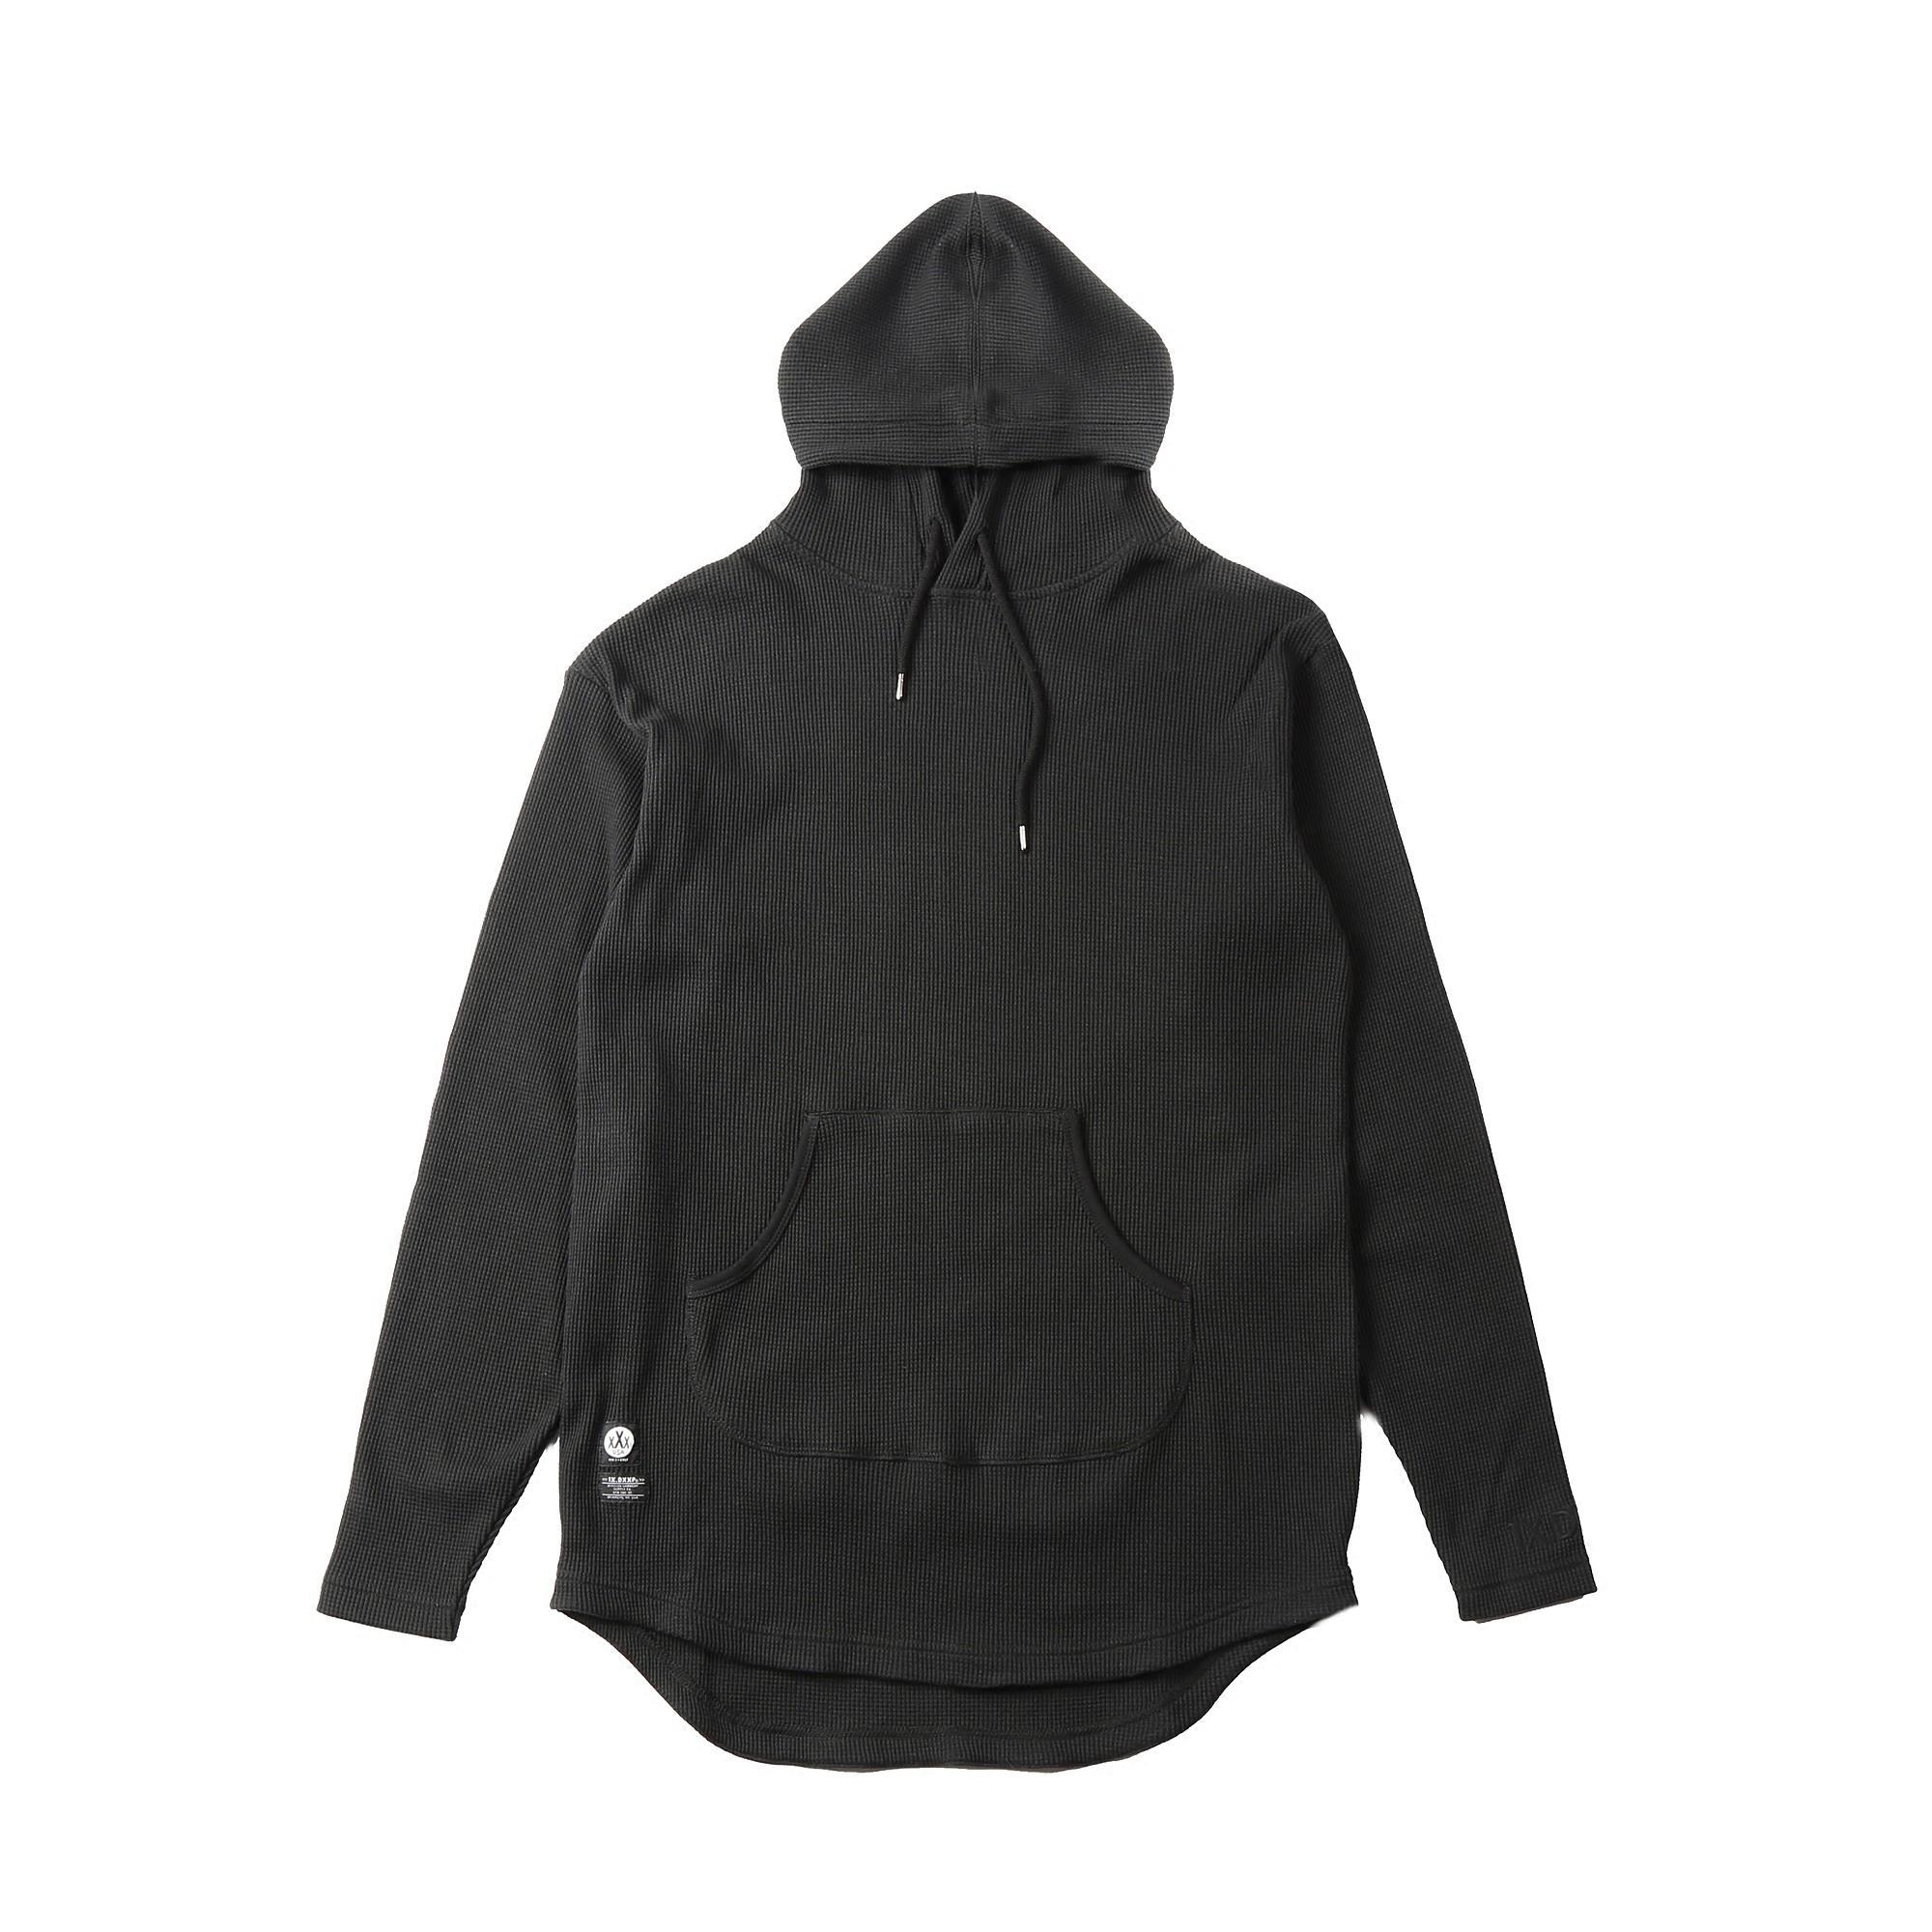 【潮物Woo】10 Deep Dvsn Thermal Hoodie 粗织 卫衣 帽衫